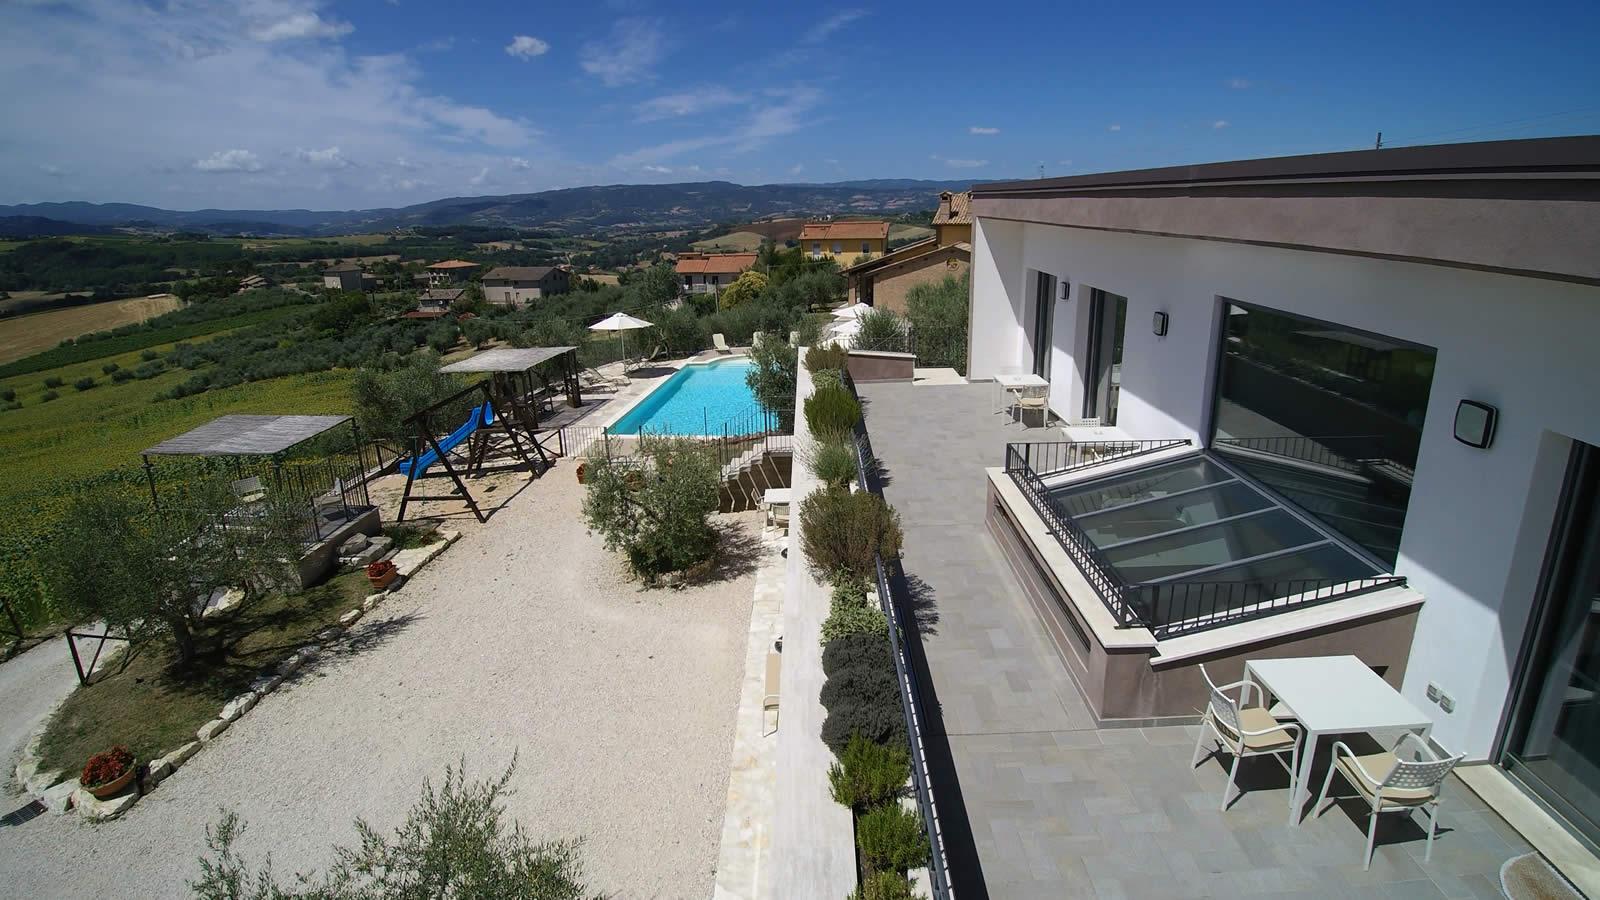 LAST MINUTE GIUGNO in Hotel Residence con Piscina a Todi